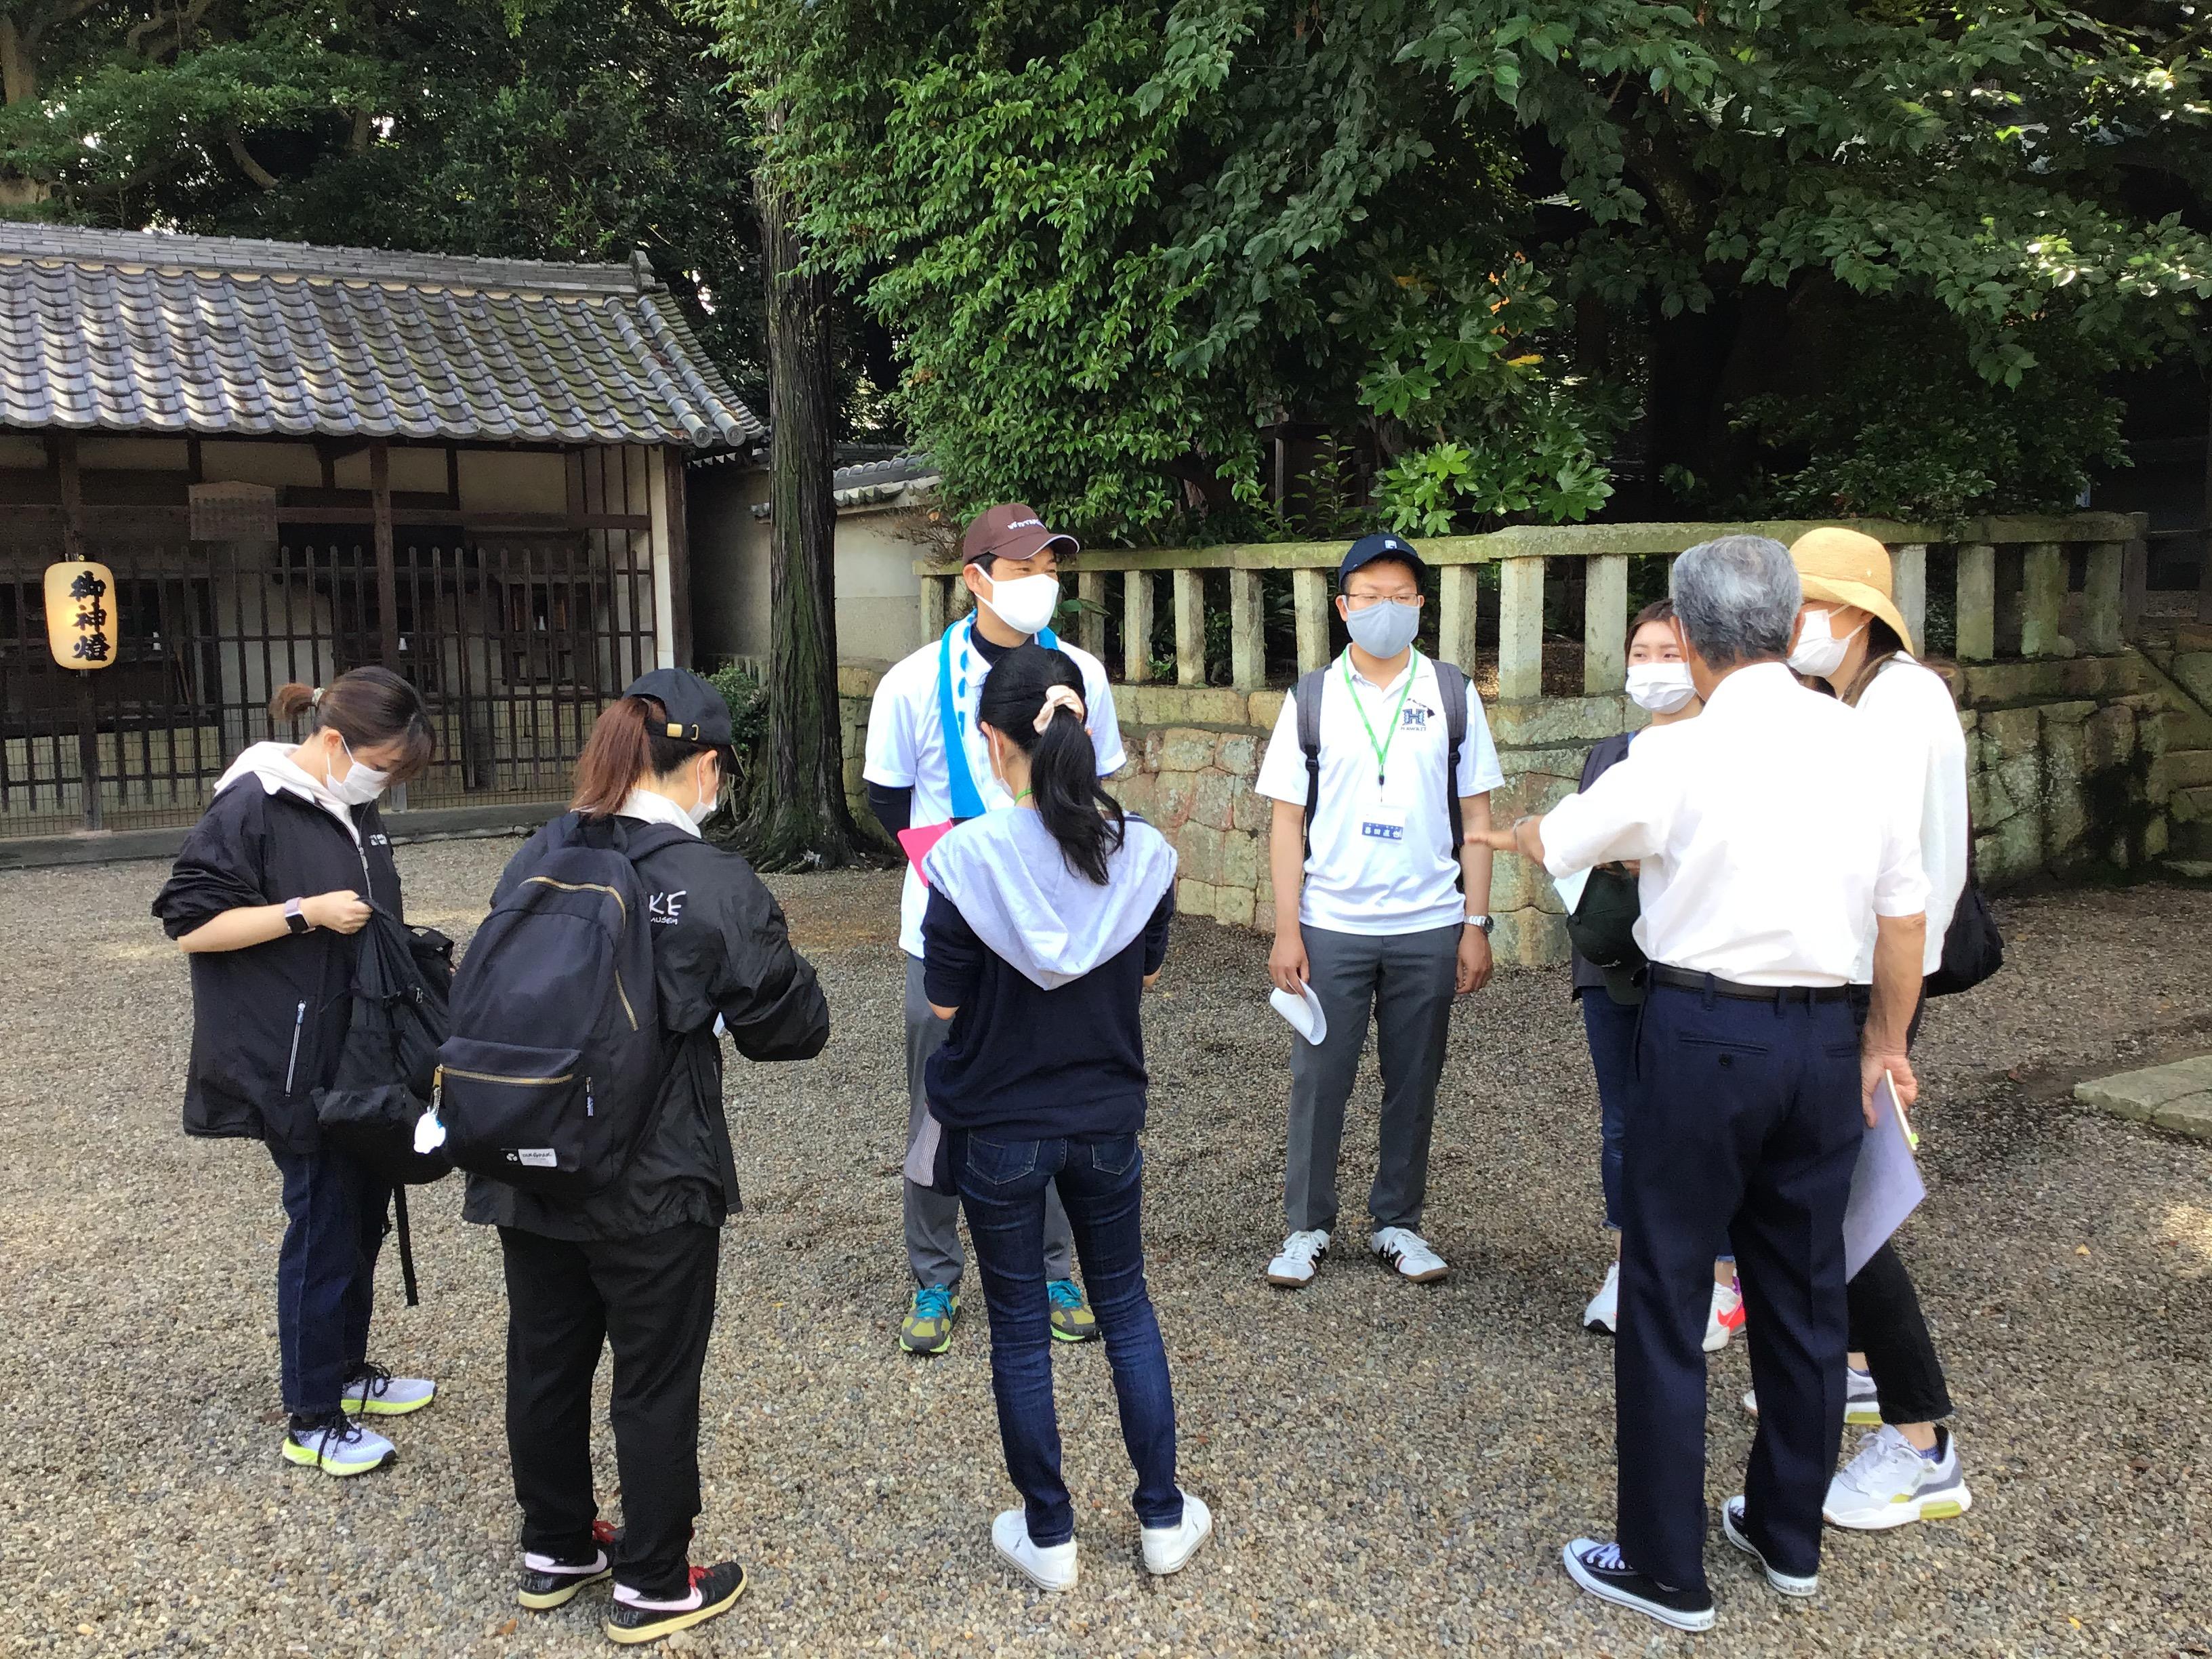 出発前の清水神社で清水ため池協議会の榎本達夫会長(右側背中)から説明を受ける東播磨県民局と北播磨県民局の職員の面々